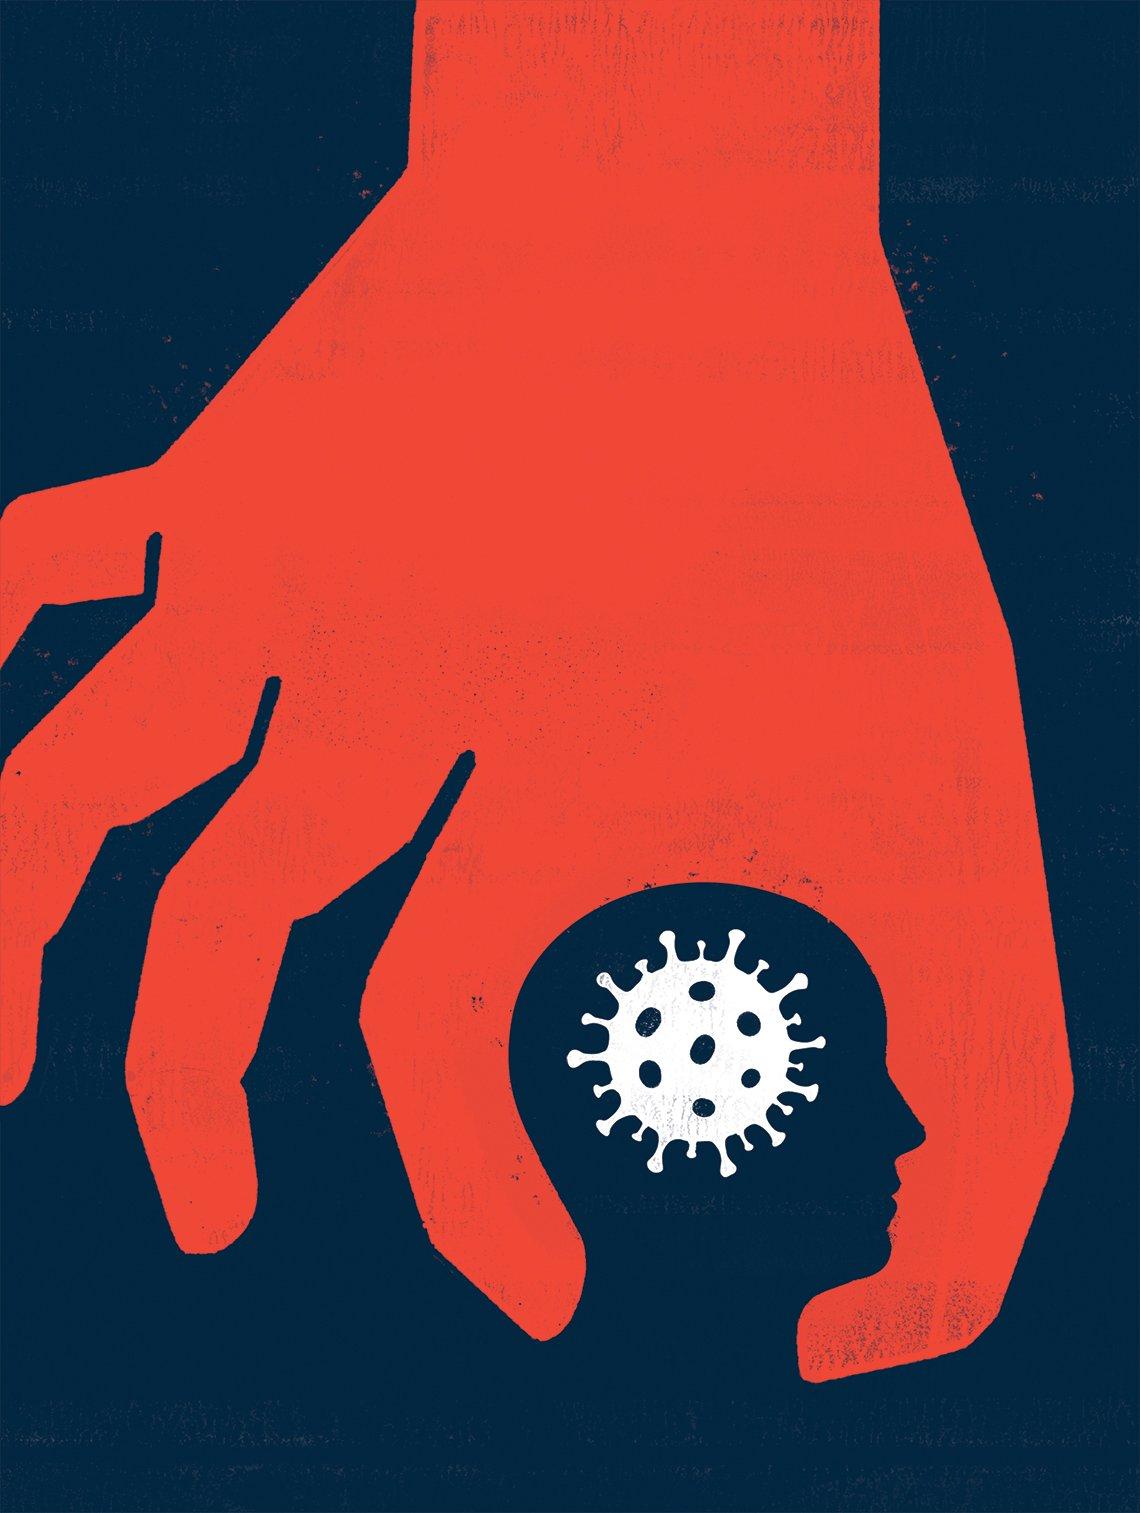 Gráfica del coronavirus con una mano alrededor de ella y delineando la figura de la cabeza de un ser humano.